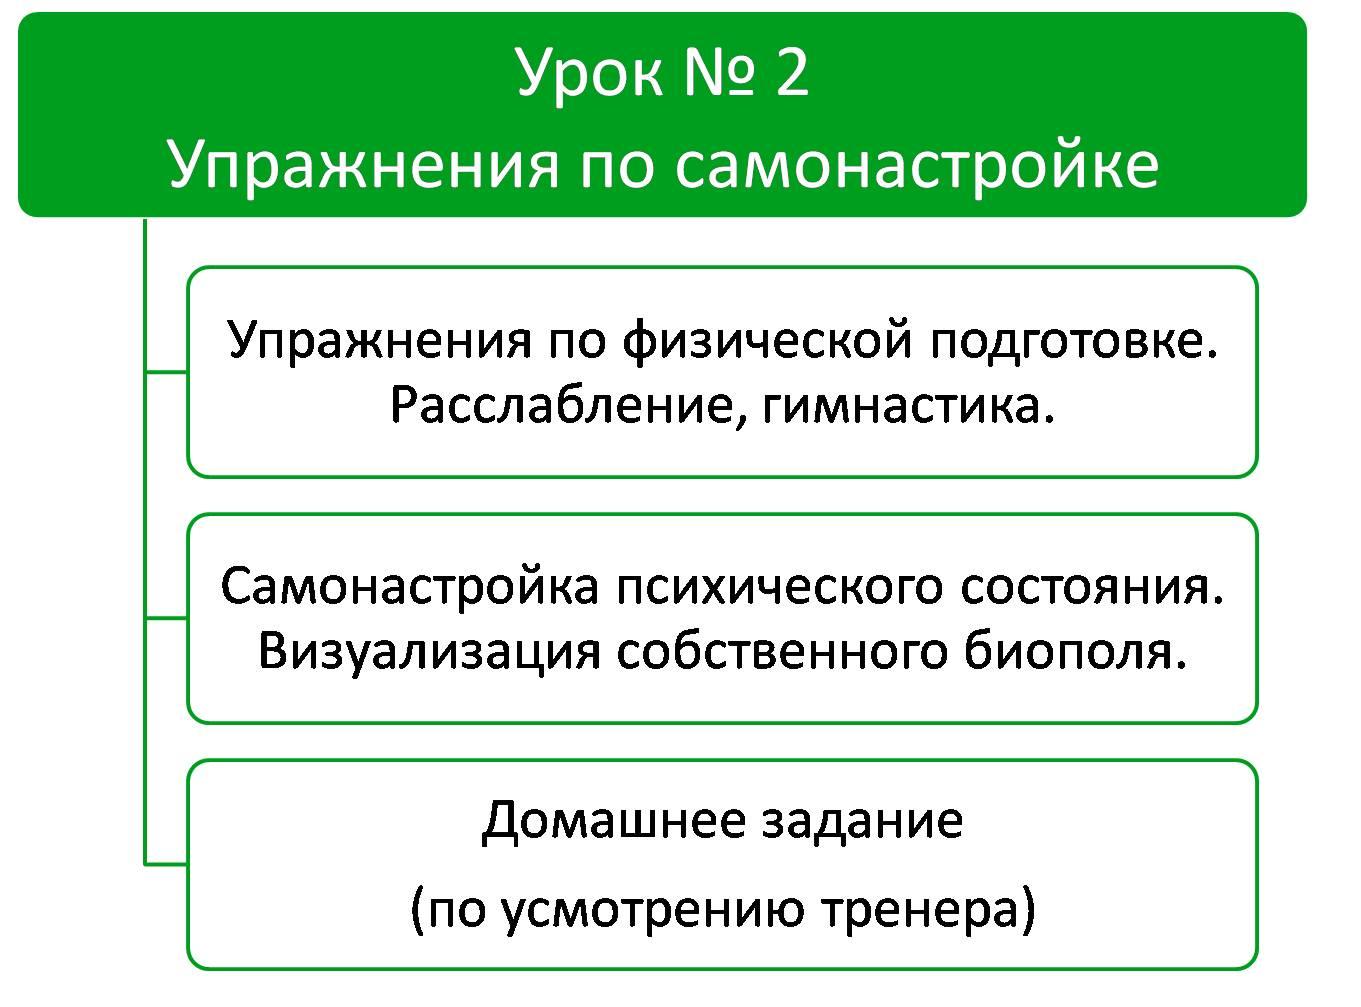 biopolevaya-diagnostika-zdorovya